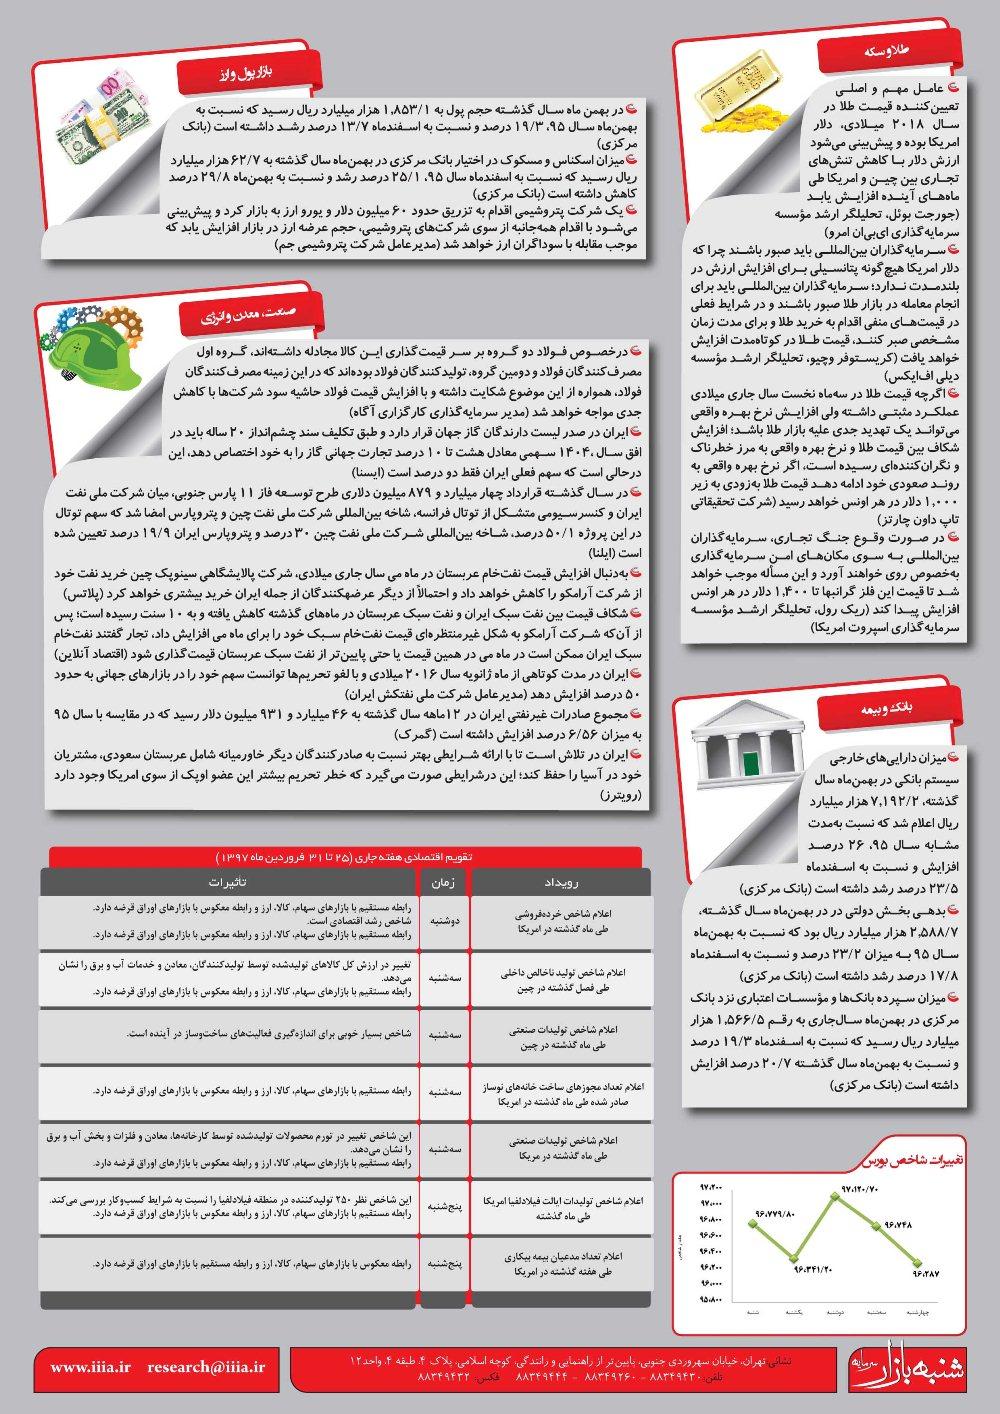 shanbe bazar 233-2